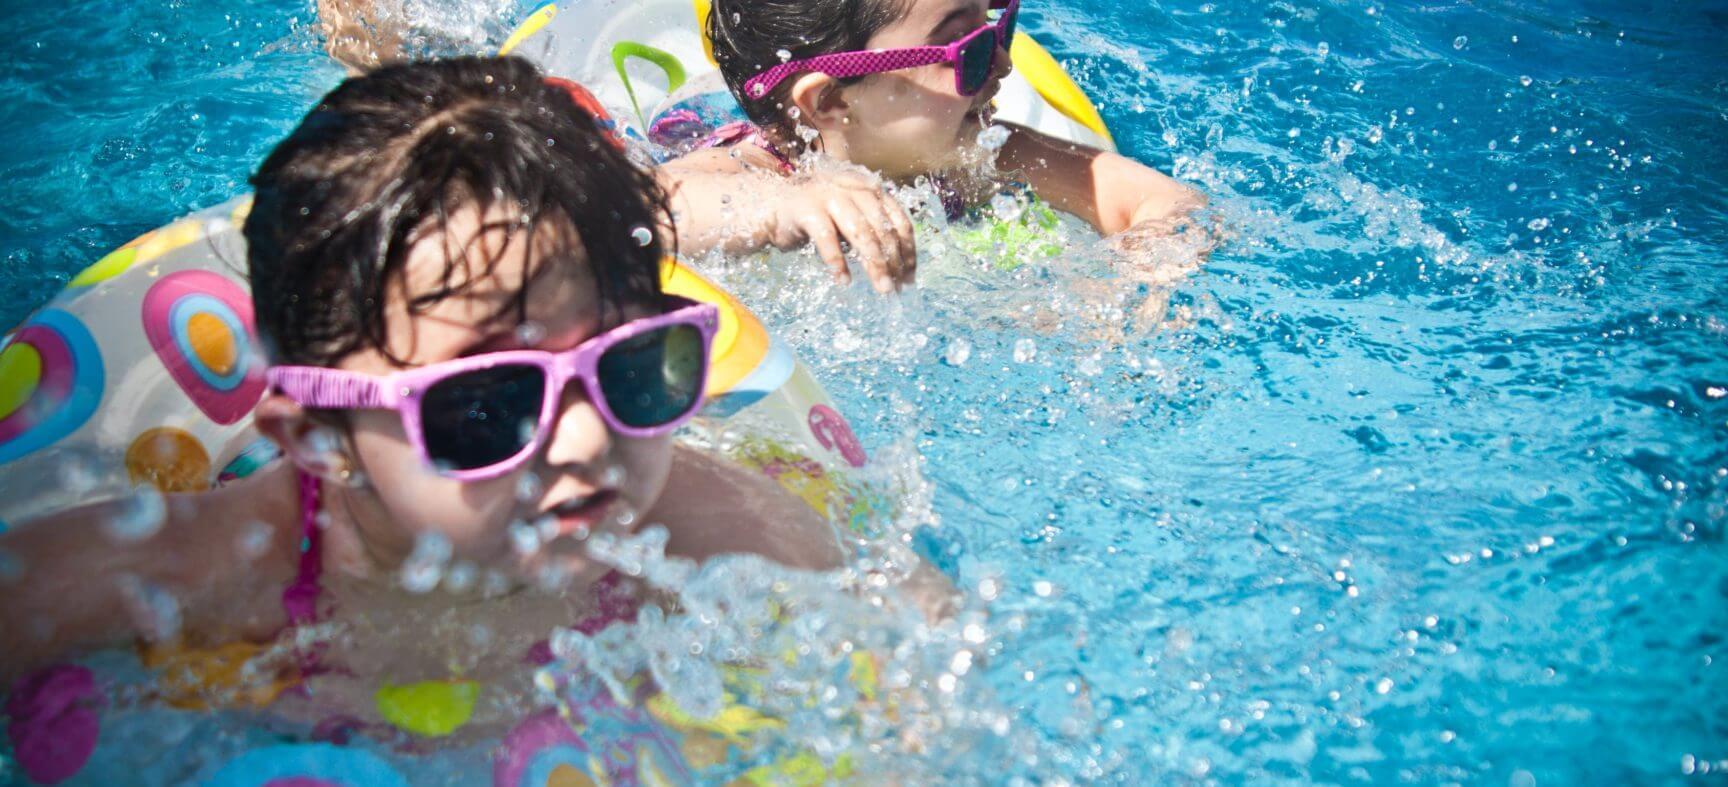 Summer Fun with Kids During Coronavirus